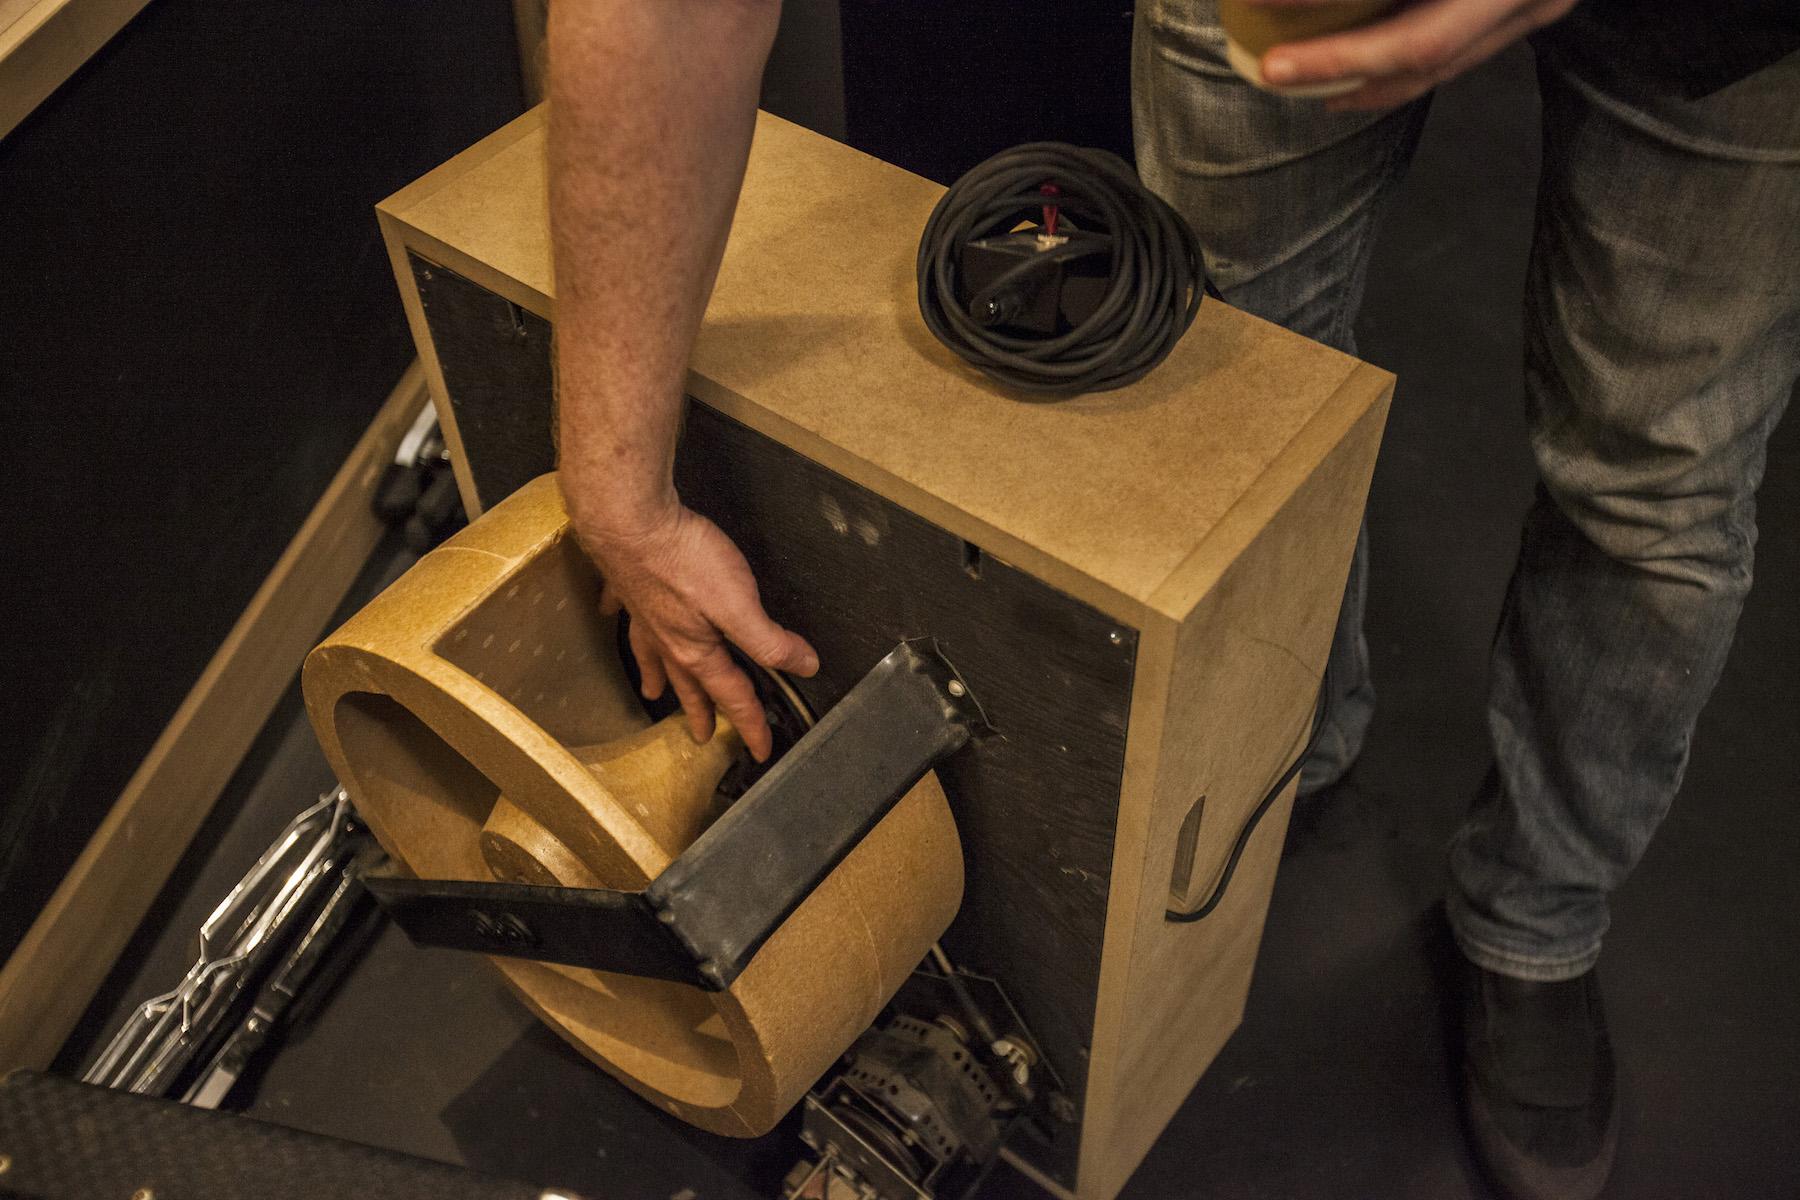 這個喇叭是很酷的Leslie cabinet!轉動時將兩支麥克風分別放在左右兩側收音,可以自製出Filter效果,常用於organ、vocal等已錄製好的聲音。